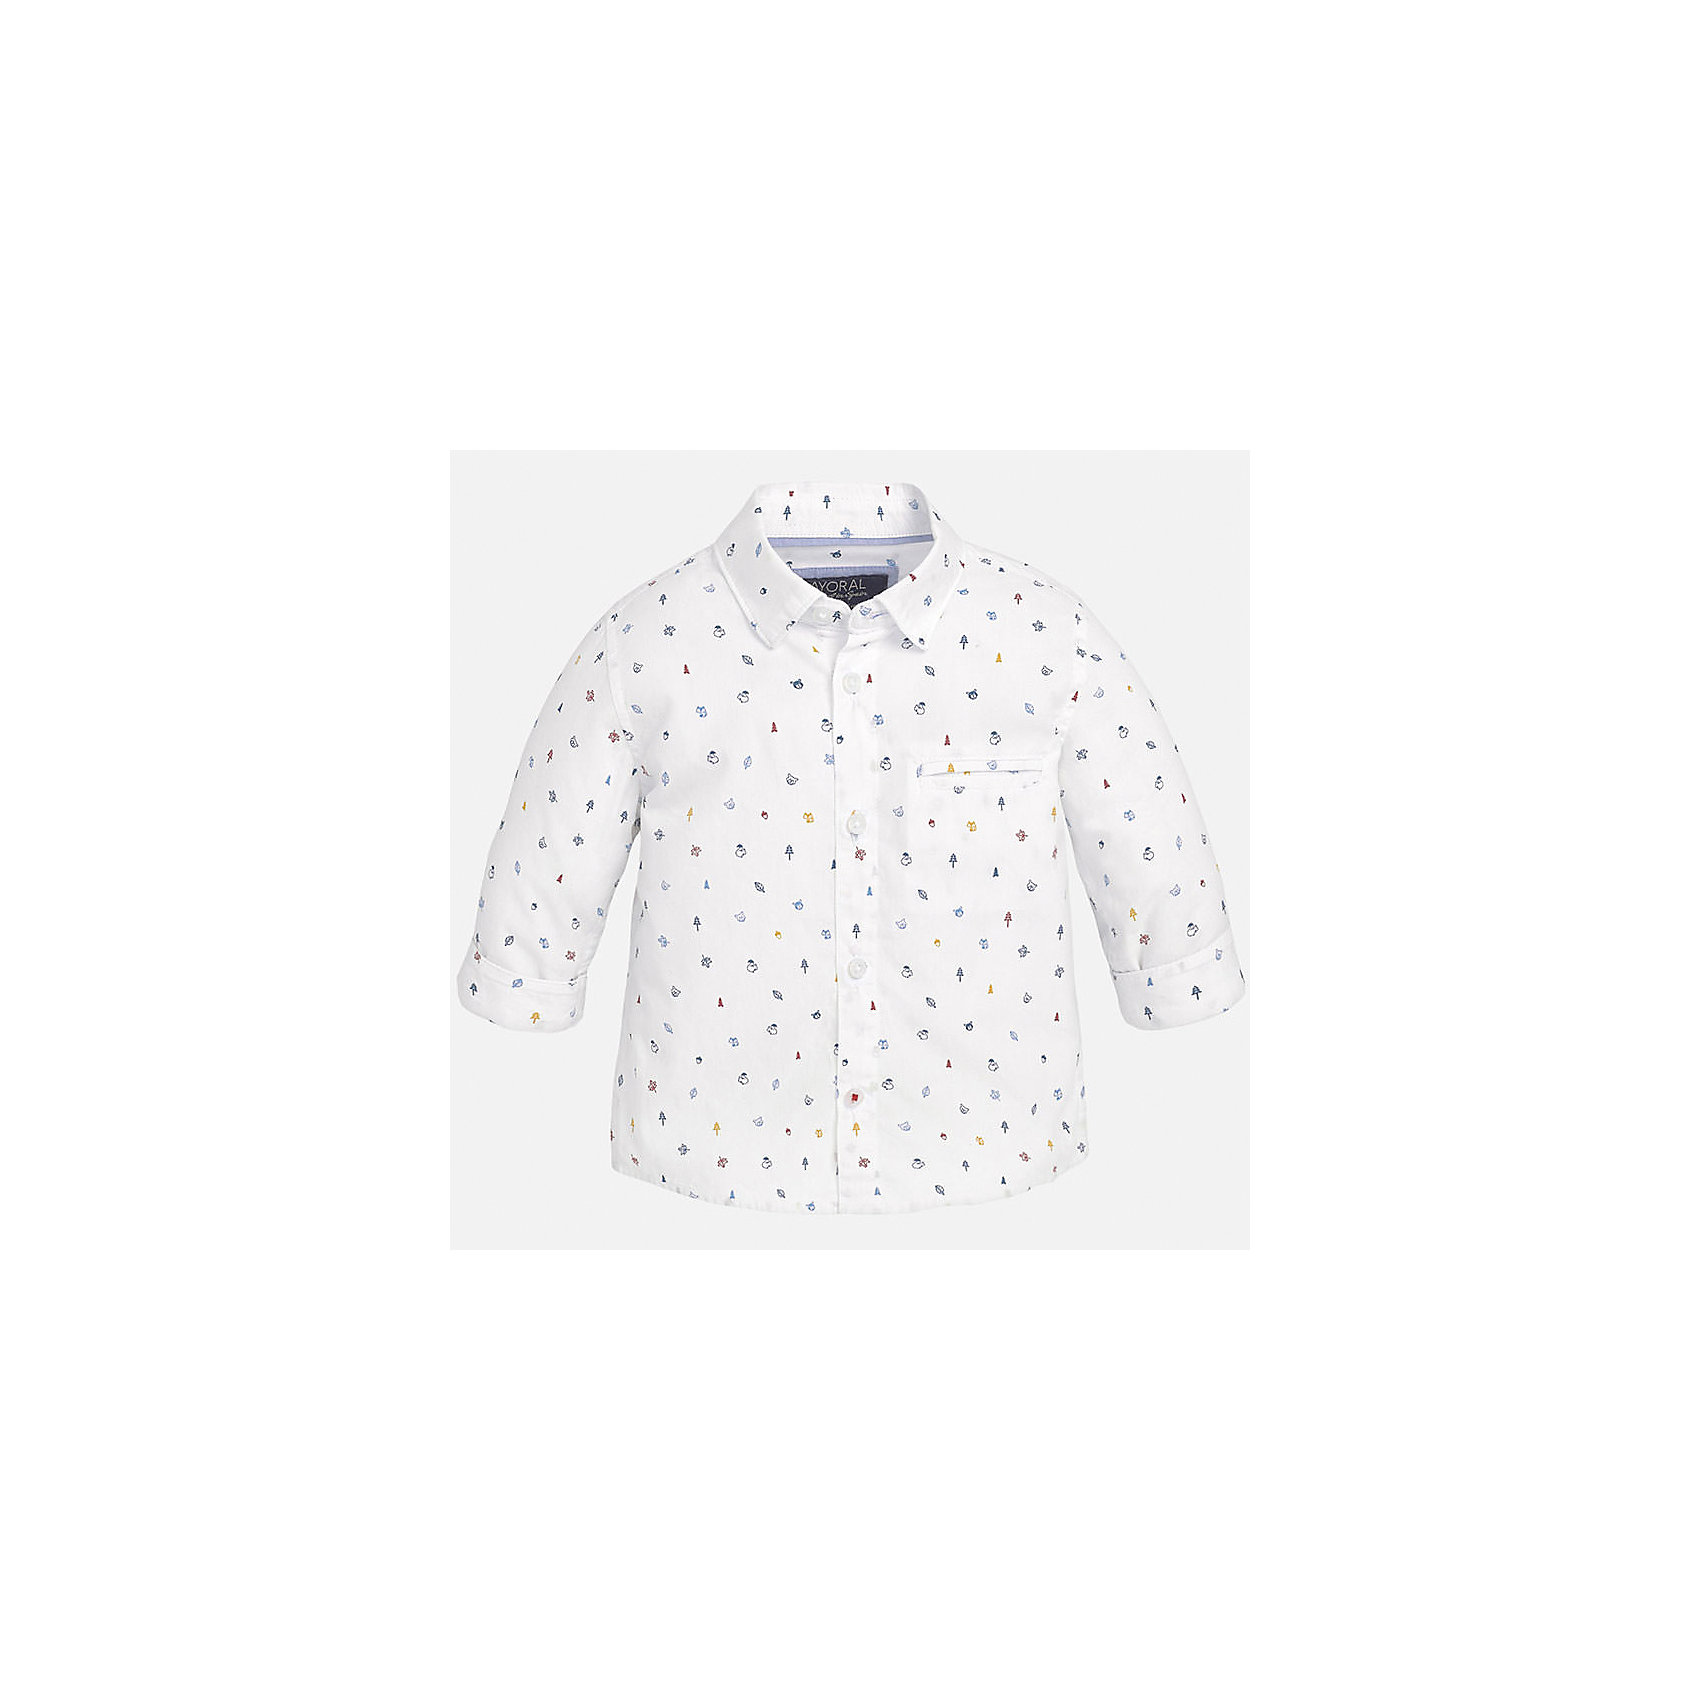 Рубашка для мальчика MayoralРубашка для мальчика от известного испанского бренда Mayoral. Рубашка из 100% хлопка с оригинальным принтом и декоративным карманом на груди - отличный выбор для вашего ребенка.<br>Дополнительная информация:<br>-прямой силуэт<br>-декоративный карман на груди<br>-застегивается на пуговицы<br>-цвет: белый<br>-состав: 100% хлопок<br>Рубашку Mayoral можно приобрести в нашем интернет-магазине<br><br>Ширина мм: 174<br>Глубина мм: 10<br>Высота мм: 169<br>Вес г: 157<br>Цвет: белый<br>Возраст от месяцев: 18<br>Возраст до месяцев: 24<br>Пол: Мужской<br>Возраст: Детский<br>Размер: 92,80,86<br>SKU: 4820597